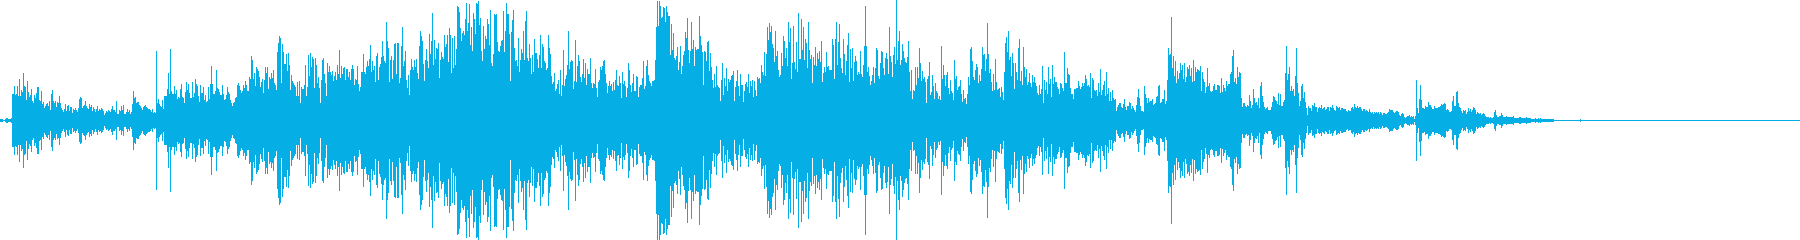 鎖鎌を投げるの再生済みの波形